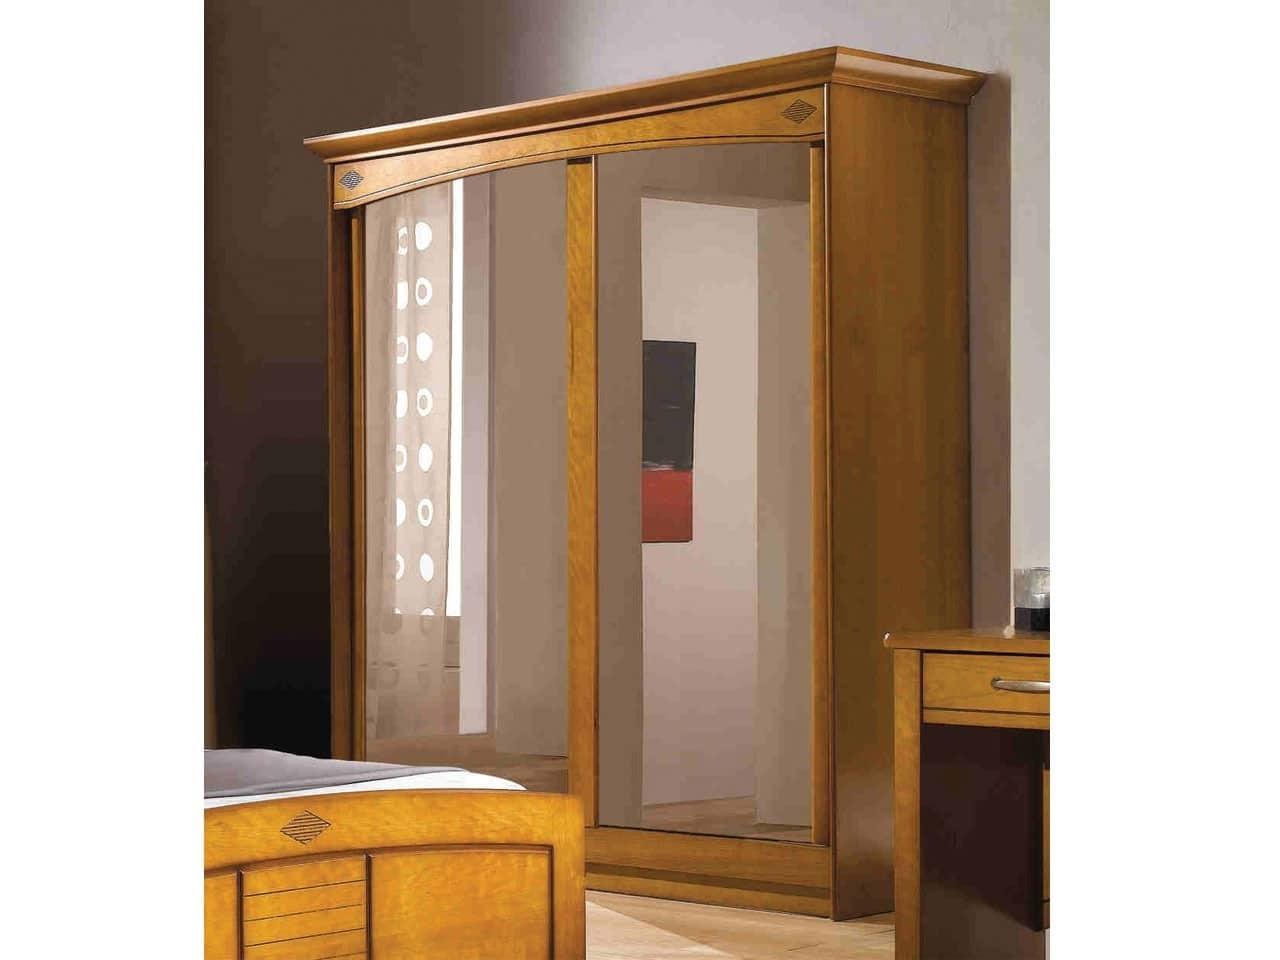 c1d915d18feb6 Armoire 2 portes miroir Louisiane Merisier - Meubles Minet